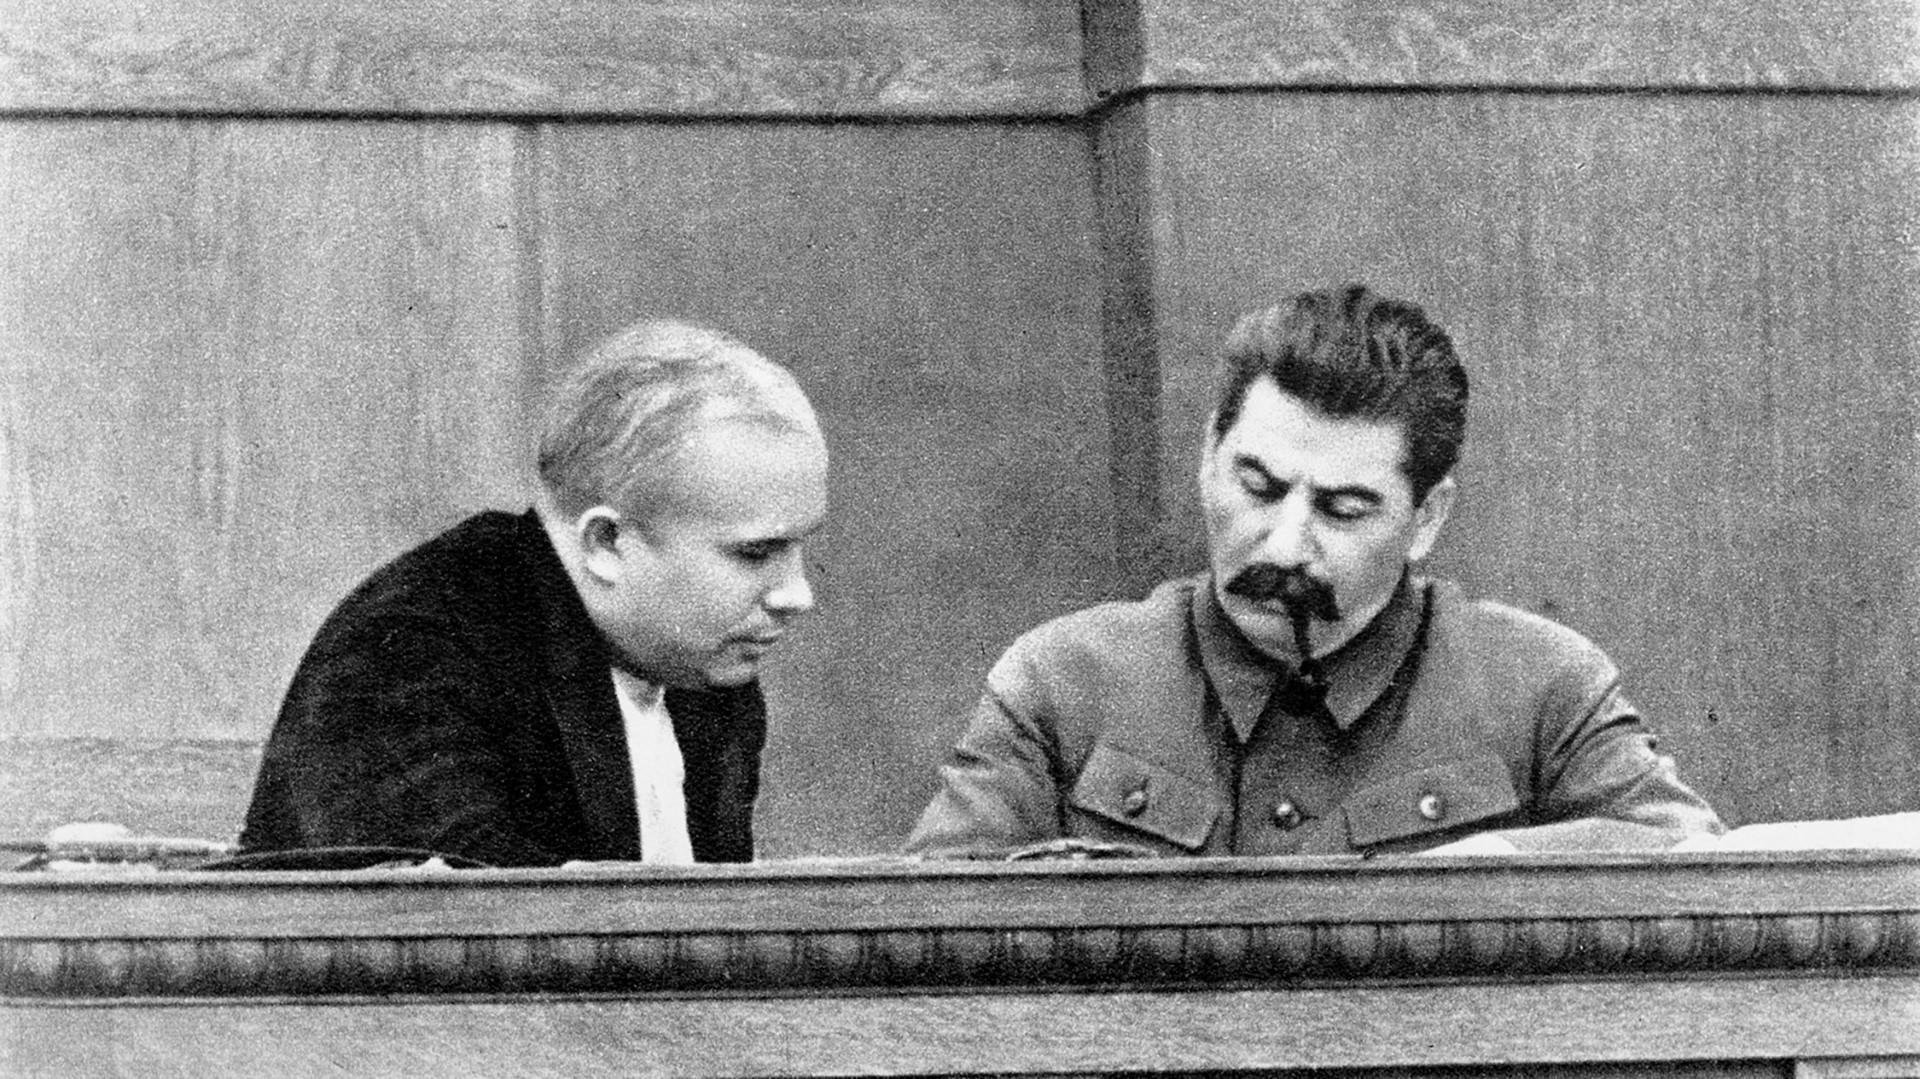 Јосиф Сталин и Никита Хрушчов, јануари 1946 година.